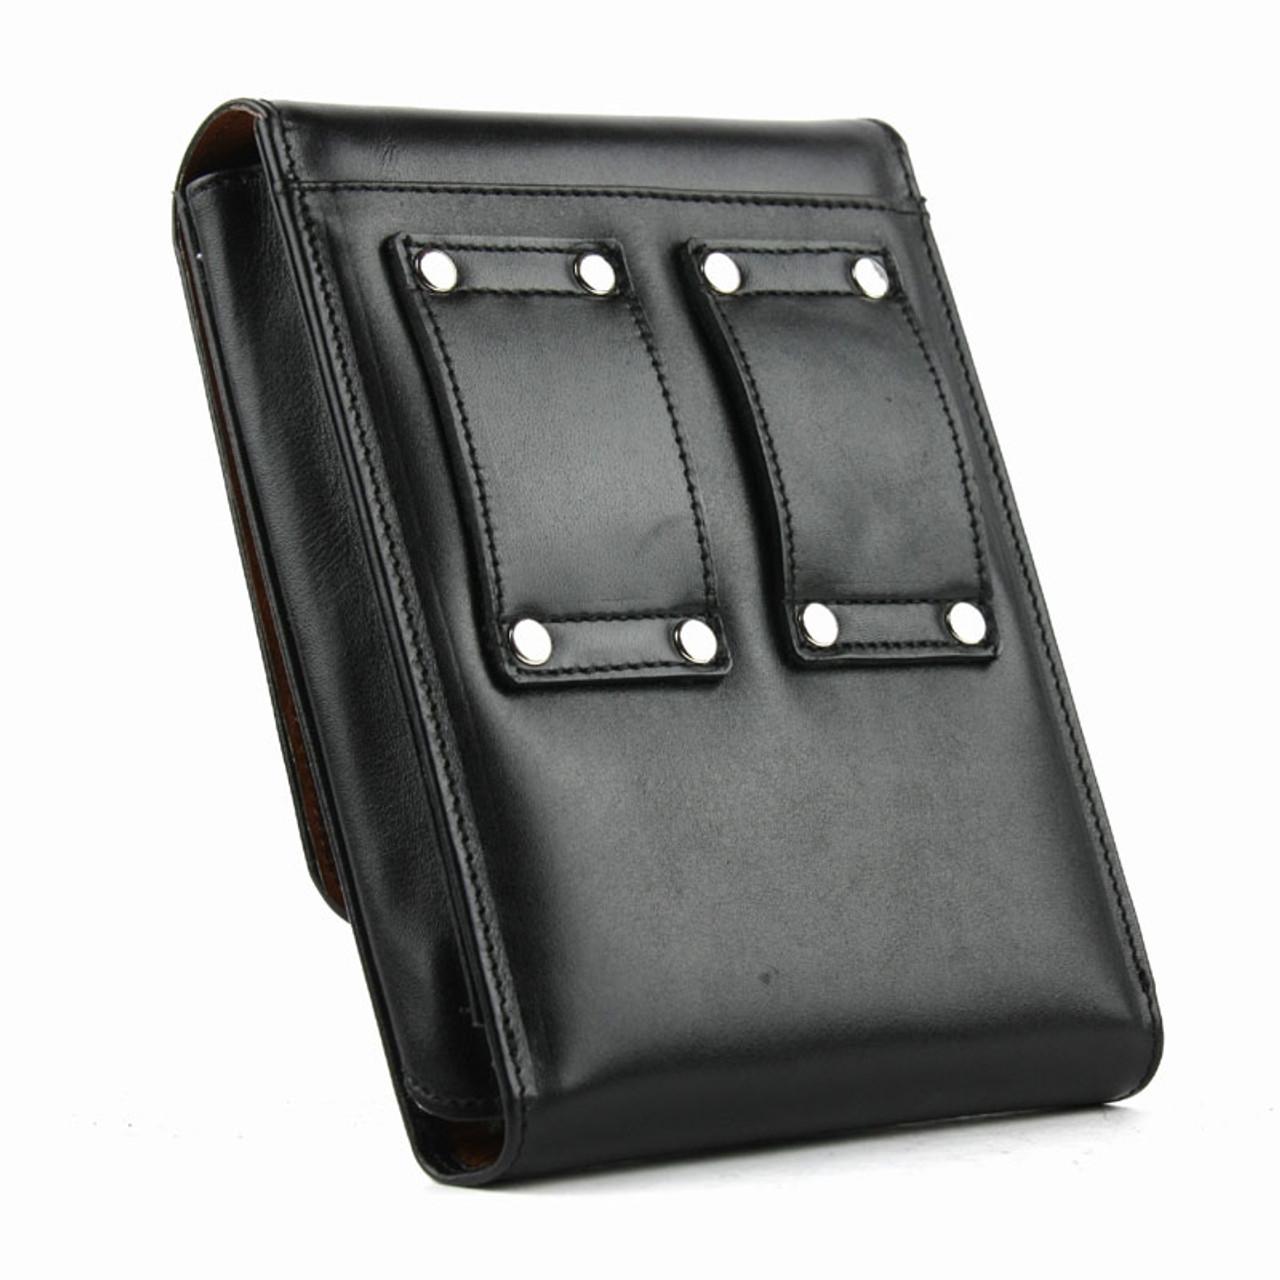 Boberg XR9-L Concealed Carry Holster (Belt Loop)